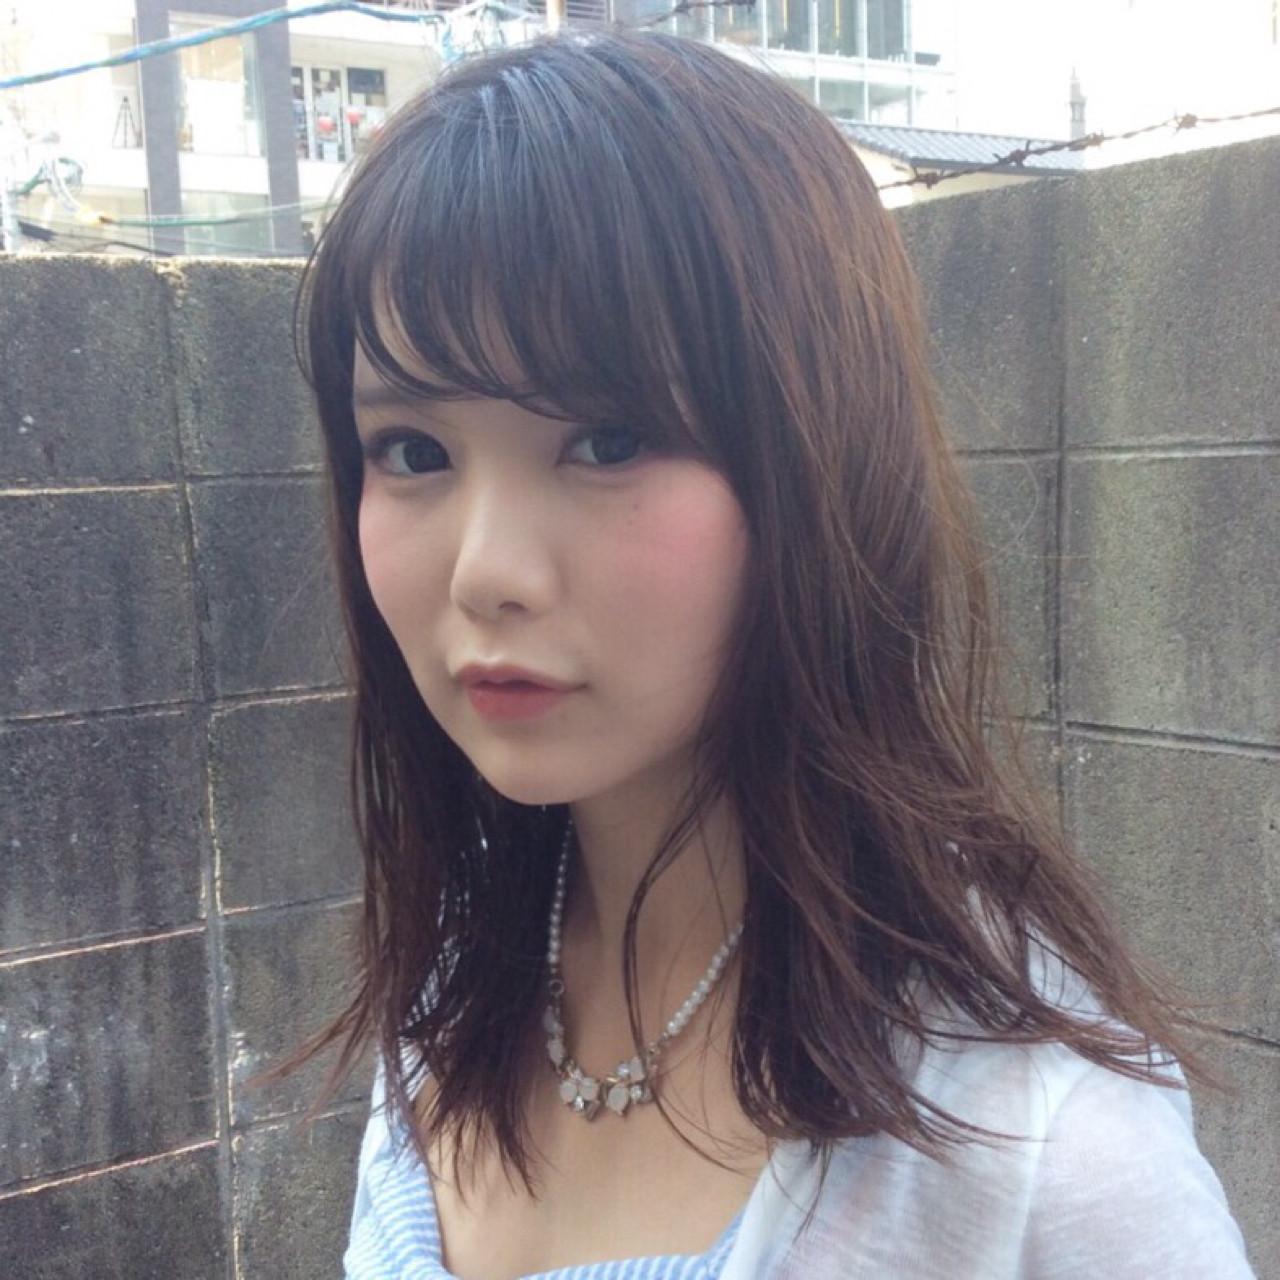 ナチュラル パーマ 前髪あり フェミニン ヘアスタイルや髪型の写真・画像 | アビル 裕貴 / ノーネームヘアー